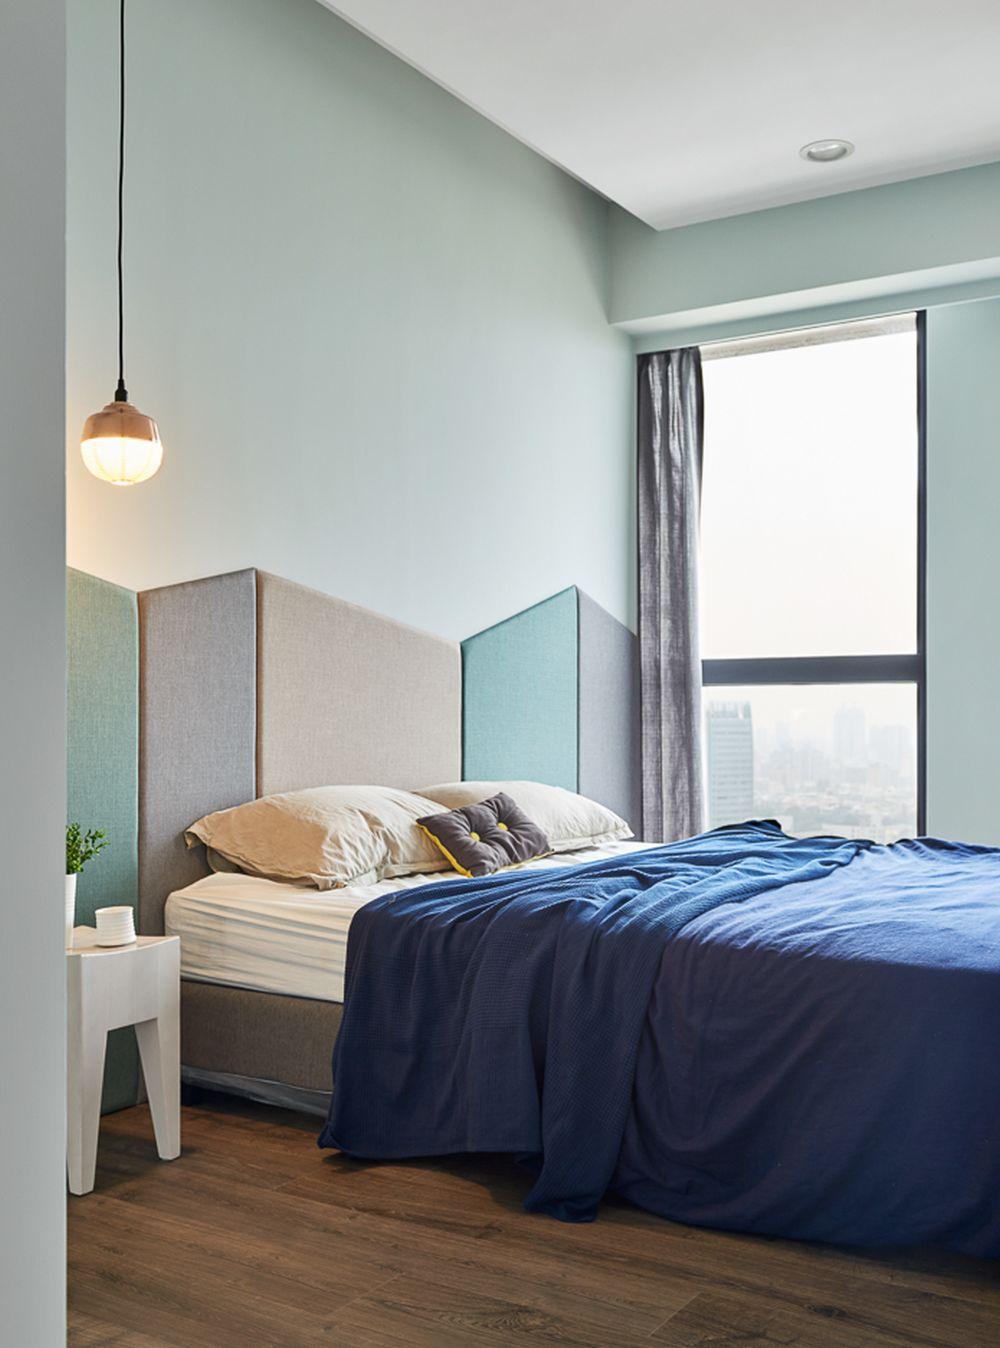 Dormitorul părinților strict mobilat are nuanțe plăcute, relaxante, iar tăblia patului este tratată ca o placare de perete cu panouri tapițate.